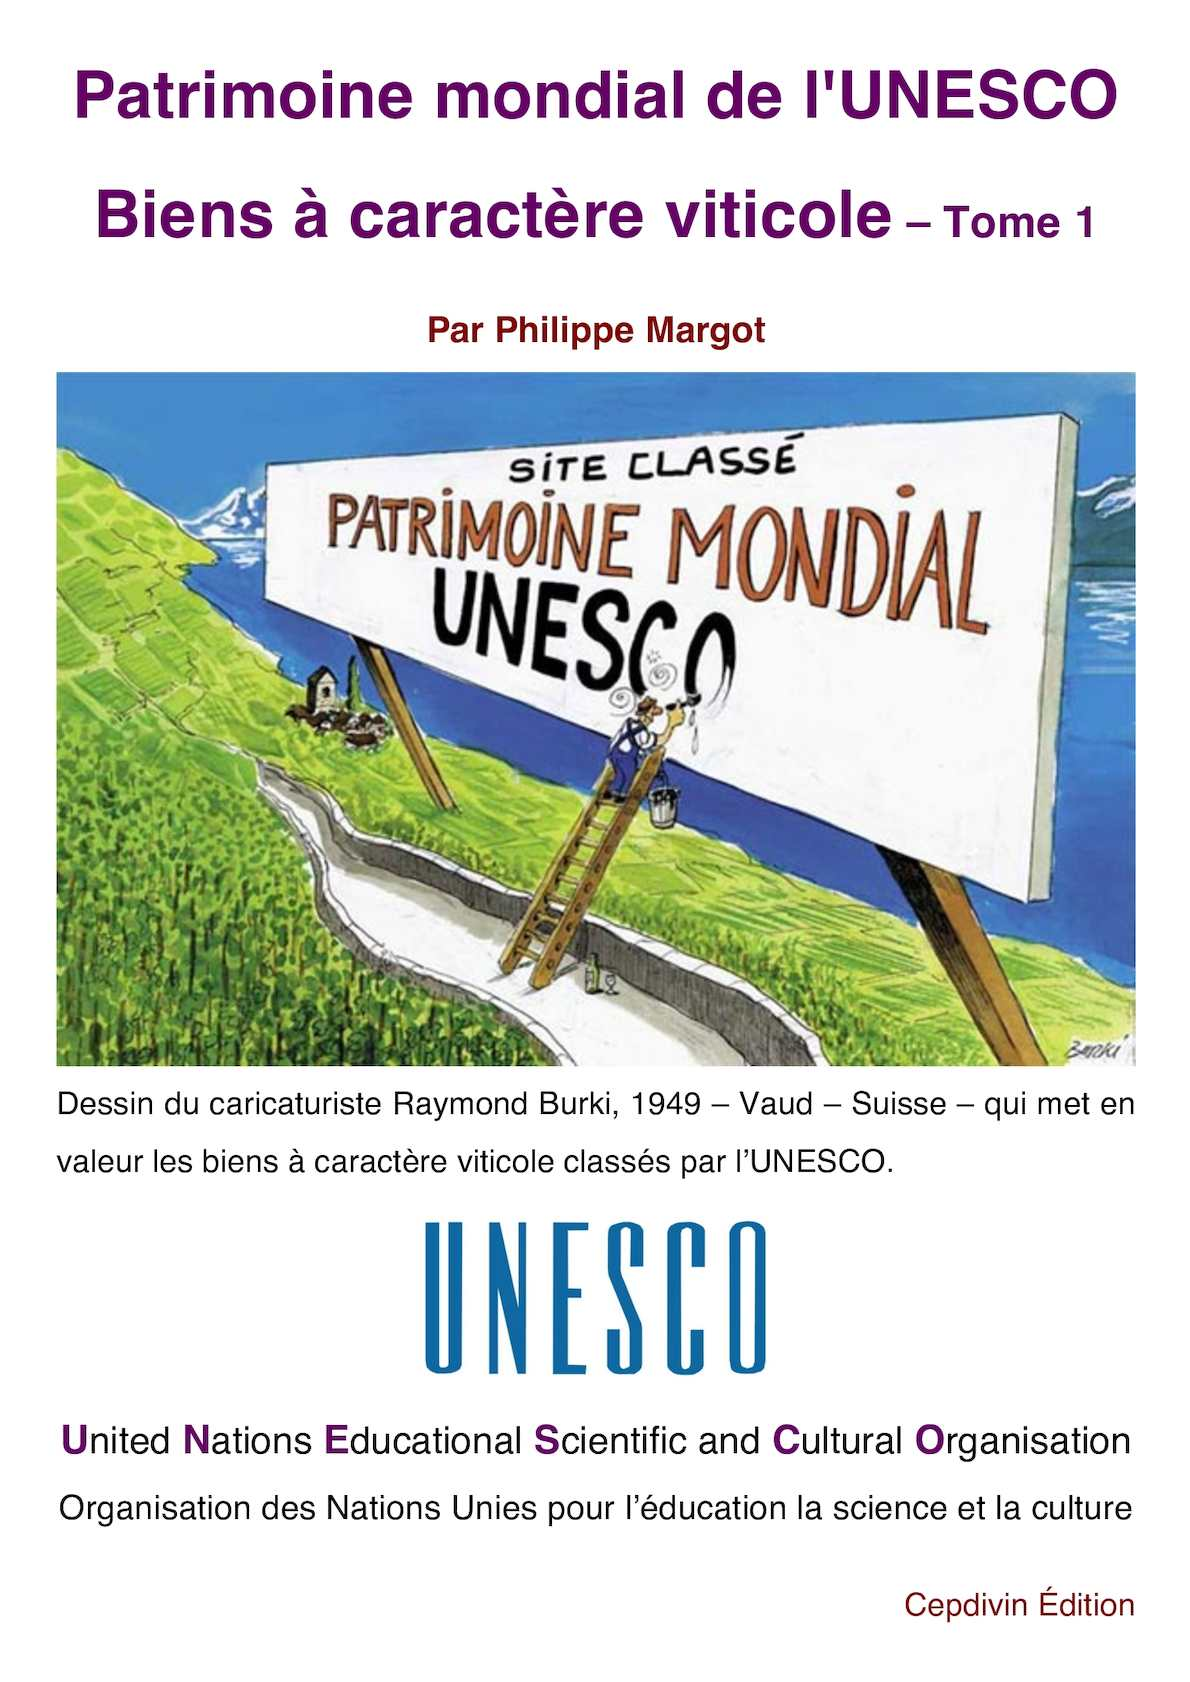 Patrimoine Mondial de L'UNESCO à caractère viticole-Tome 1